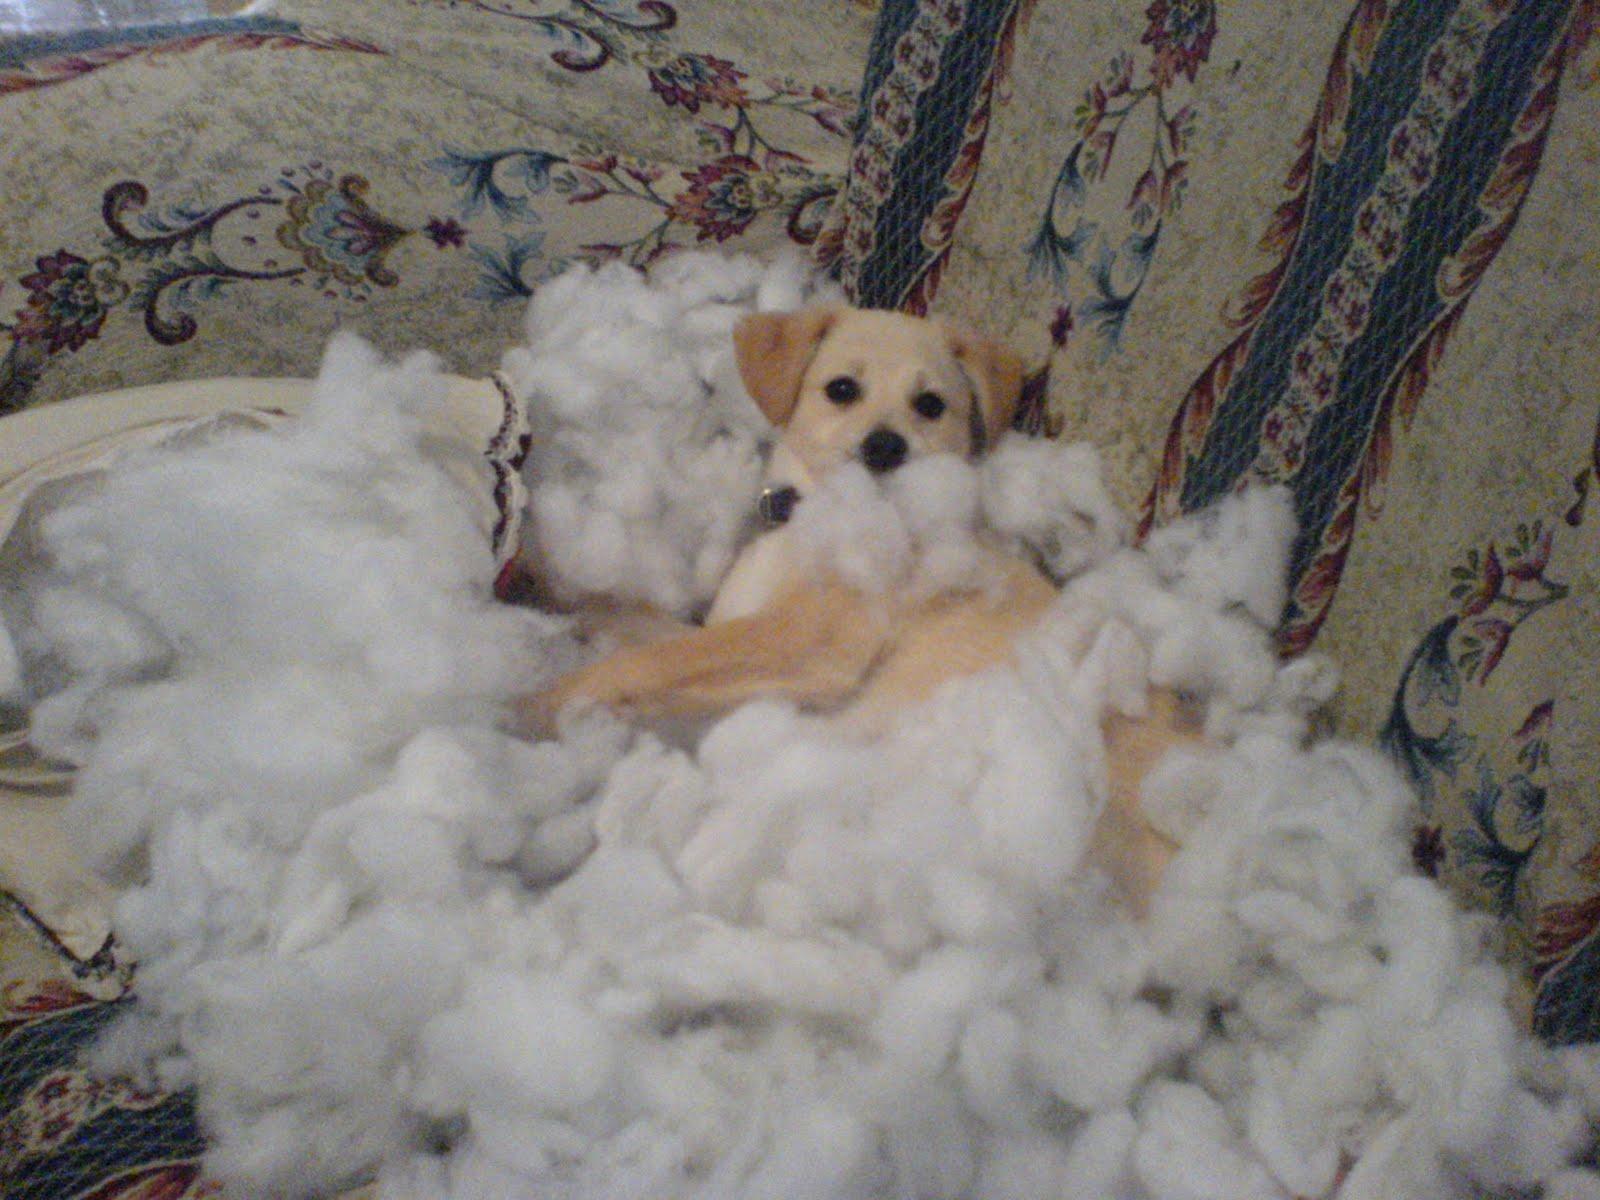 Perros Que Hicieron Desastres Pero Aparentan No Hacer Nada